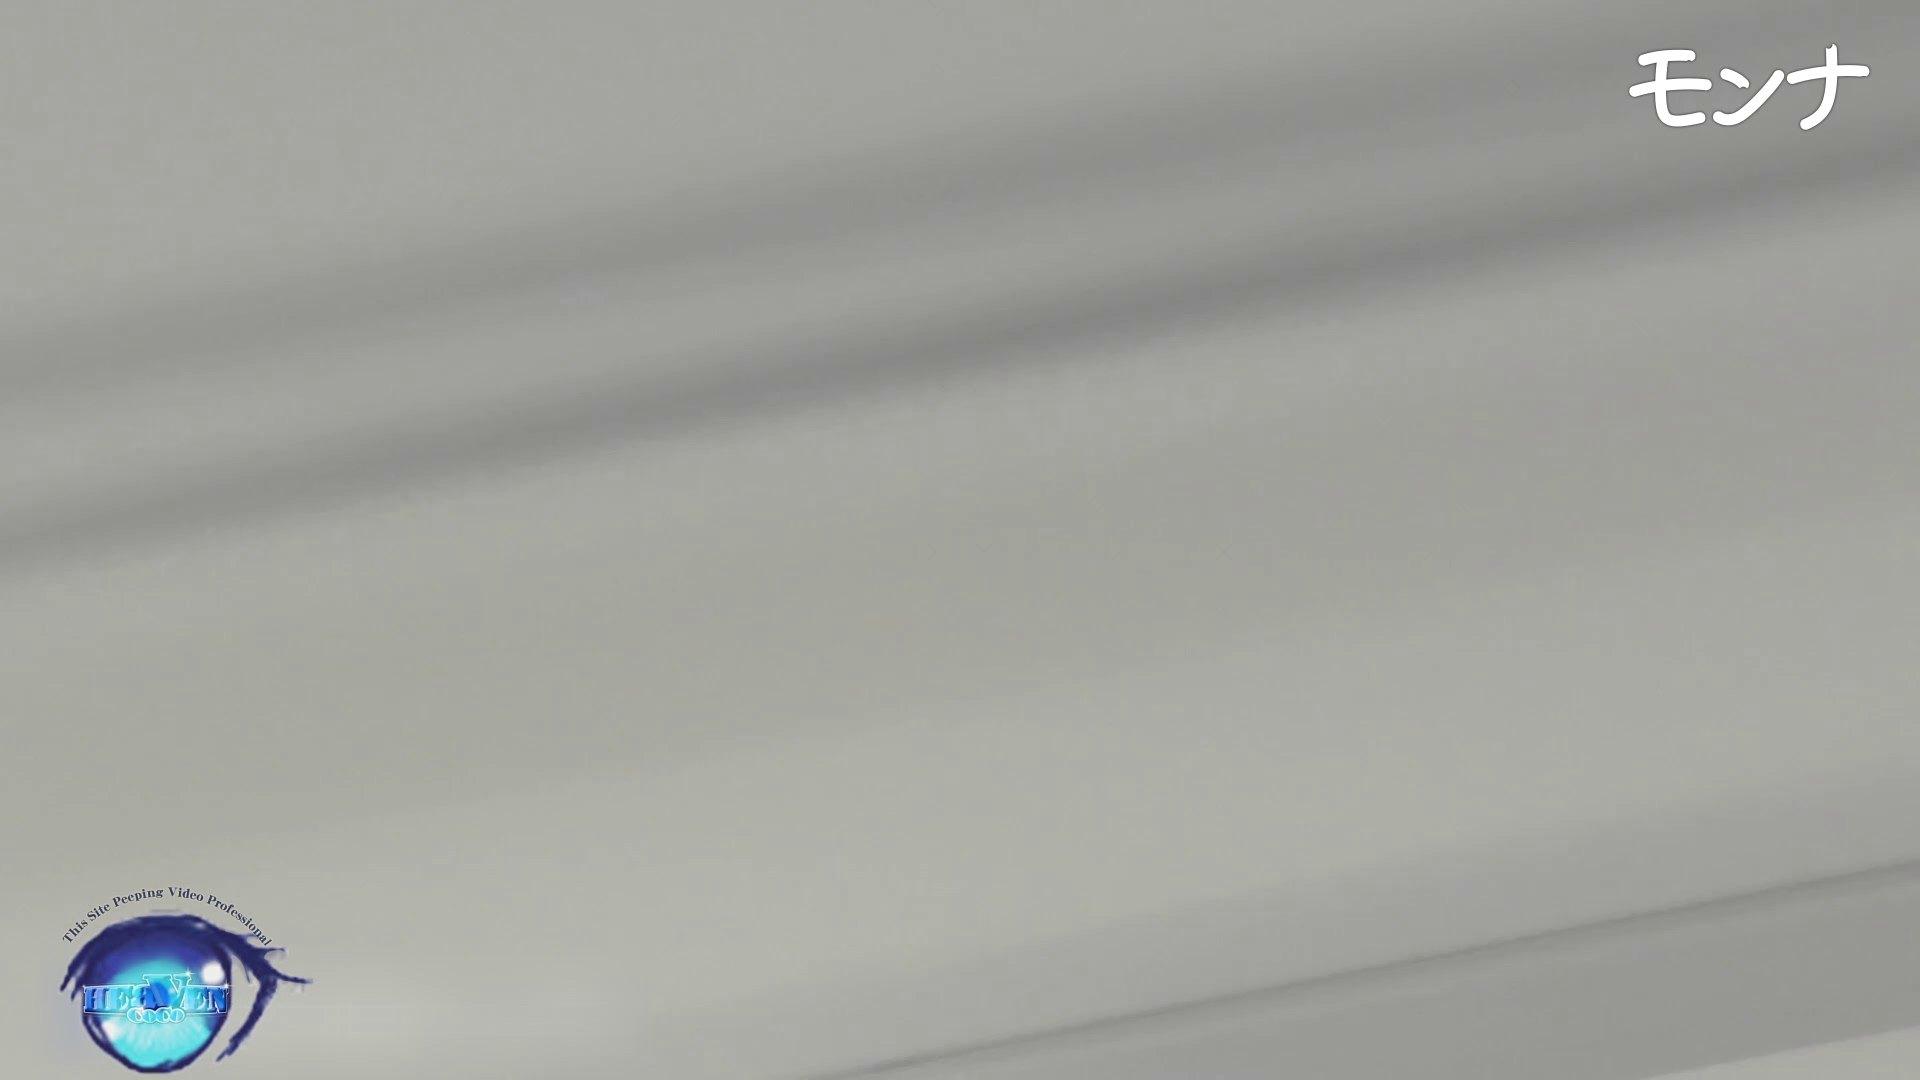 【美しい日本の未来】美しい日本の未来 No.87前編 おまんこ大好き | 盗撮動画  11枚 1